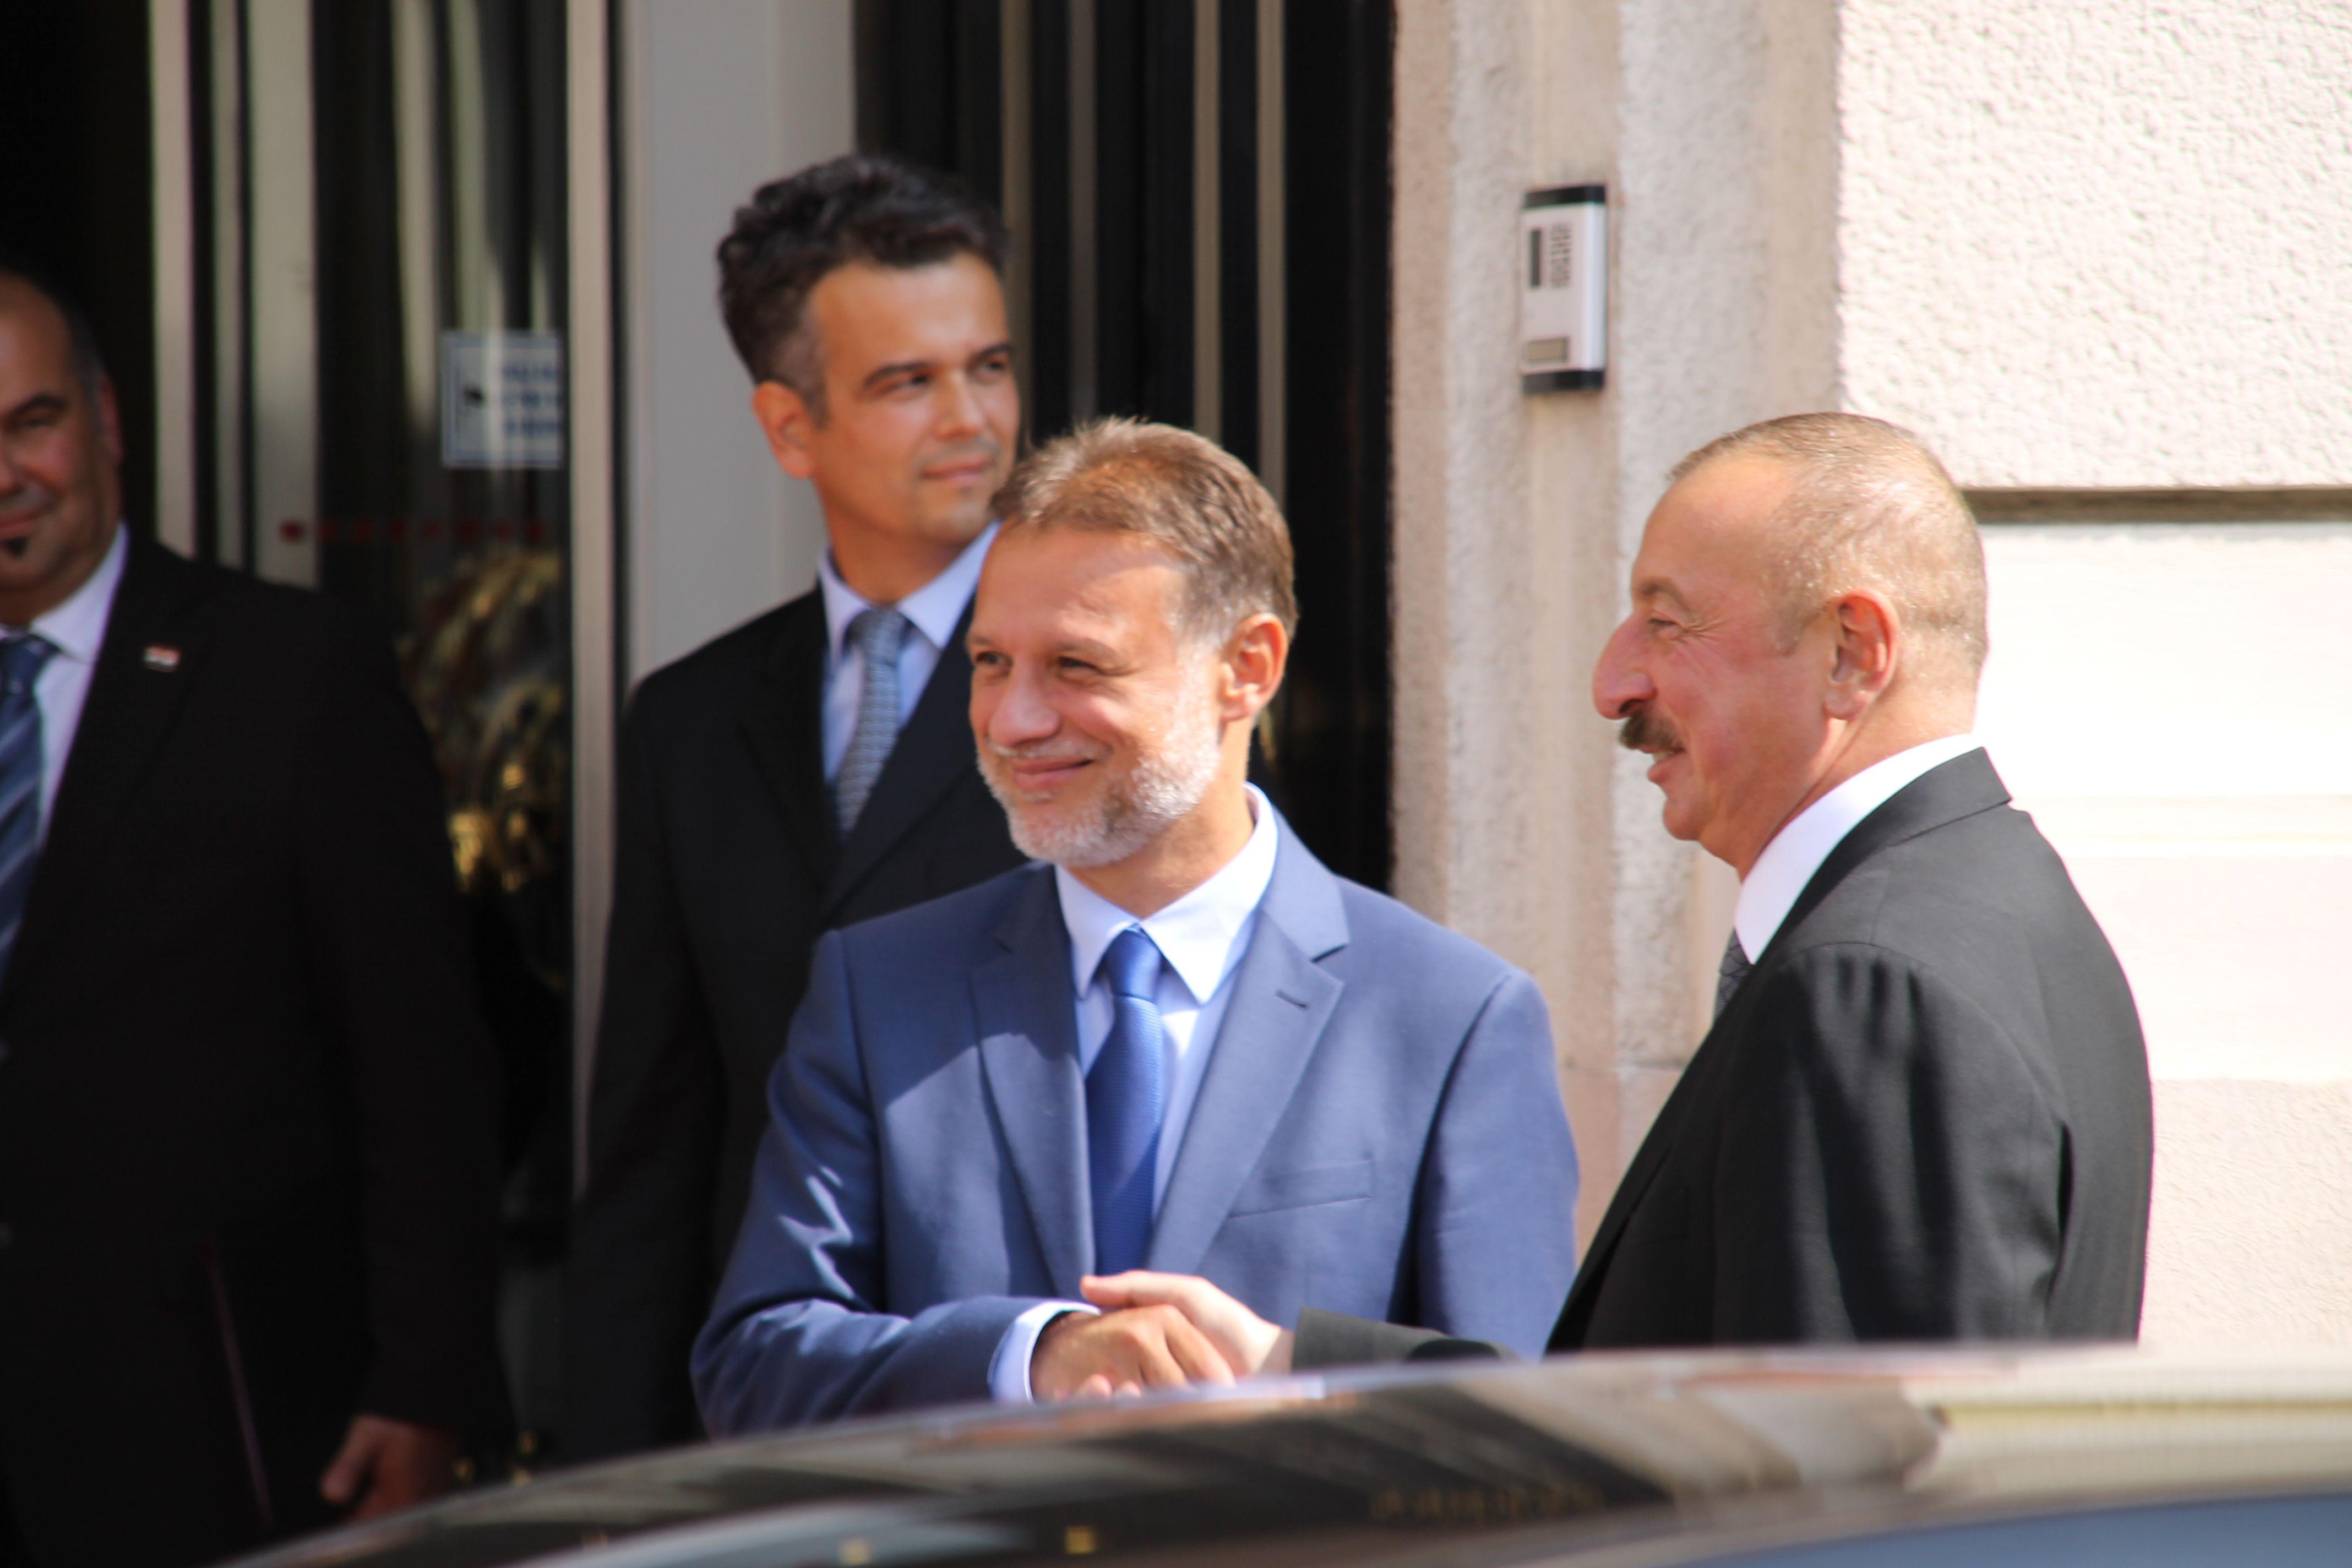 Predsjednik Hrvatskog sabora Jandroković i Alijev razgovarali o jačanju gospodarske suradnje